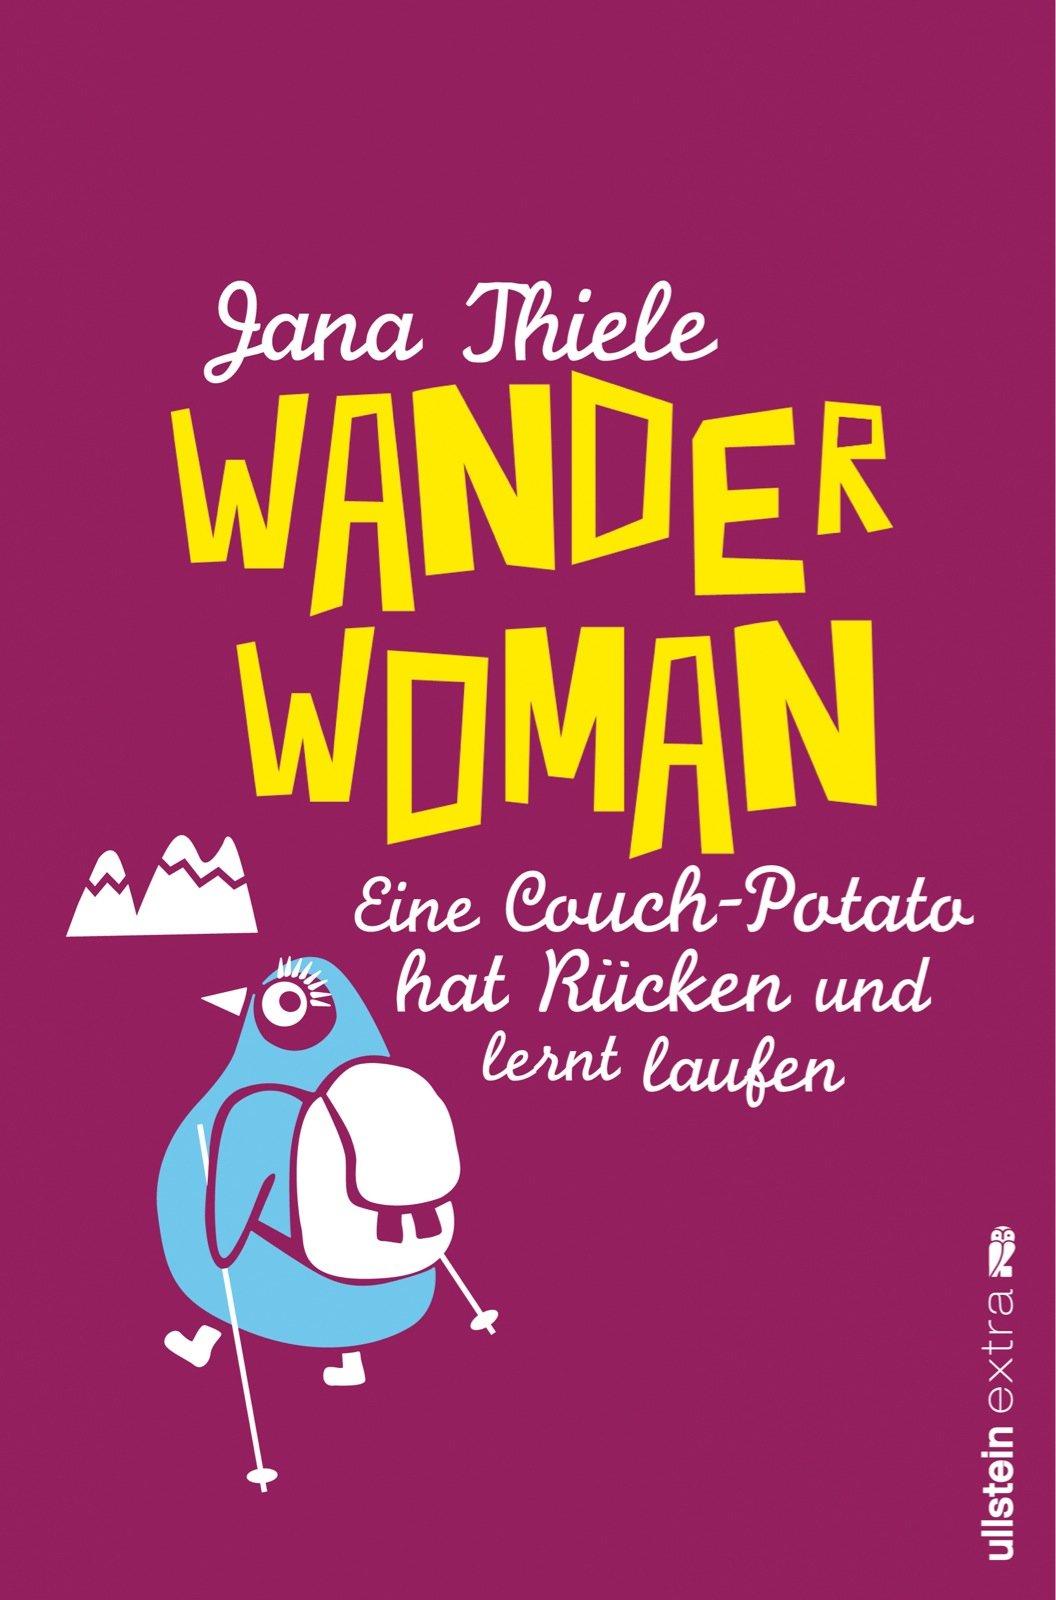 Wander-Woman: Eine Couch-Potato hat Rücken und lernt laufen